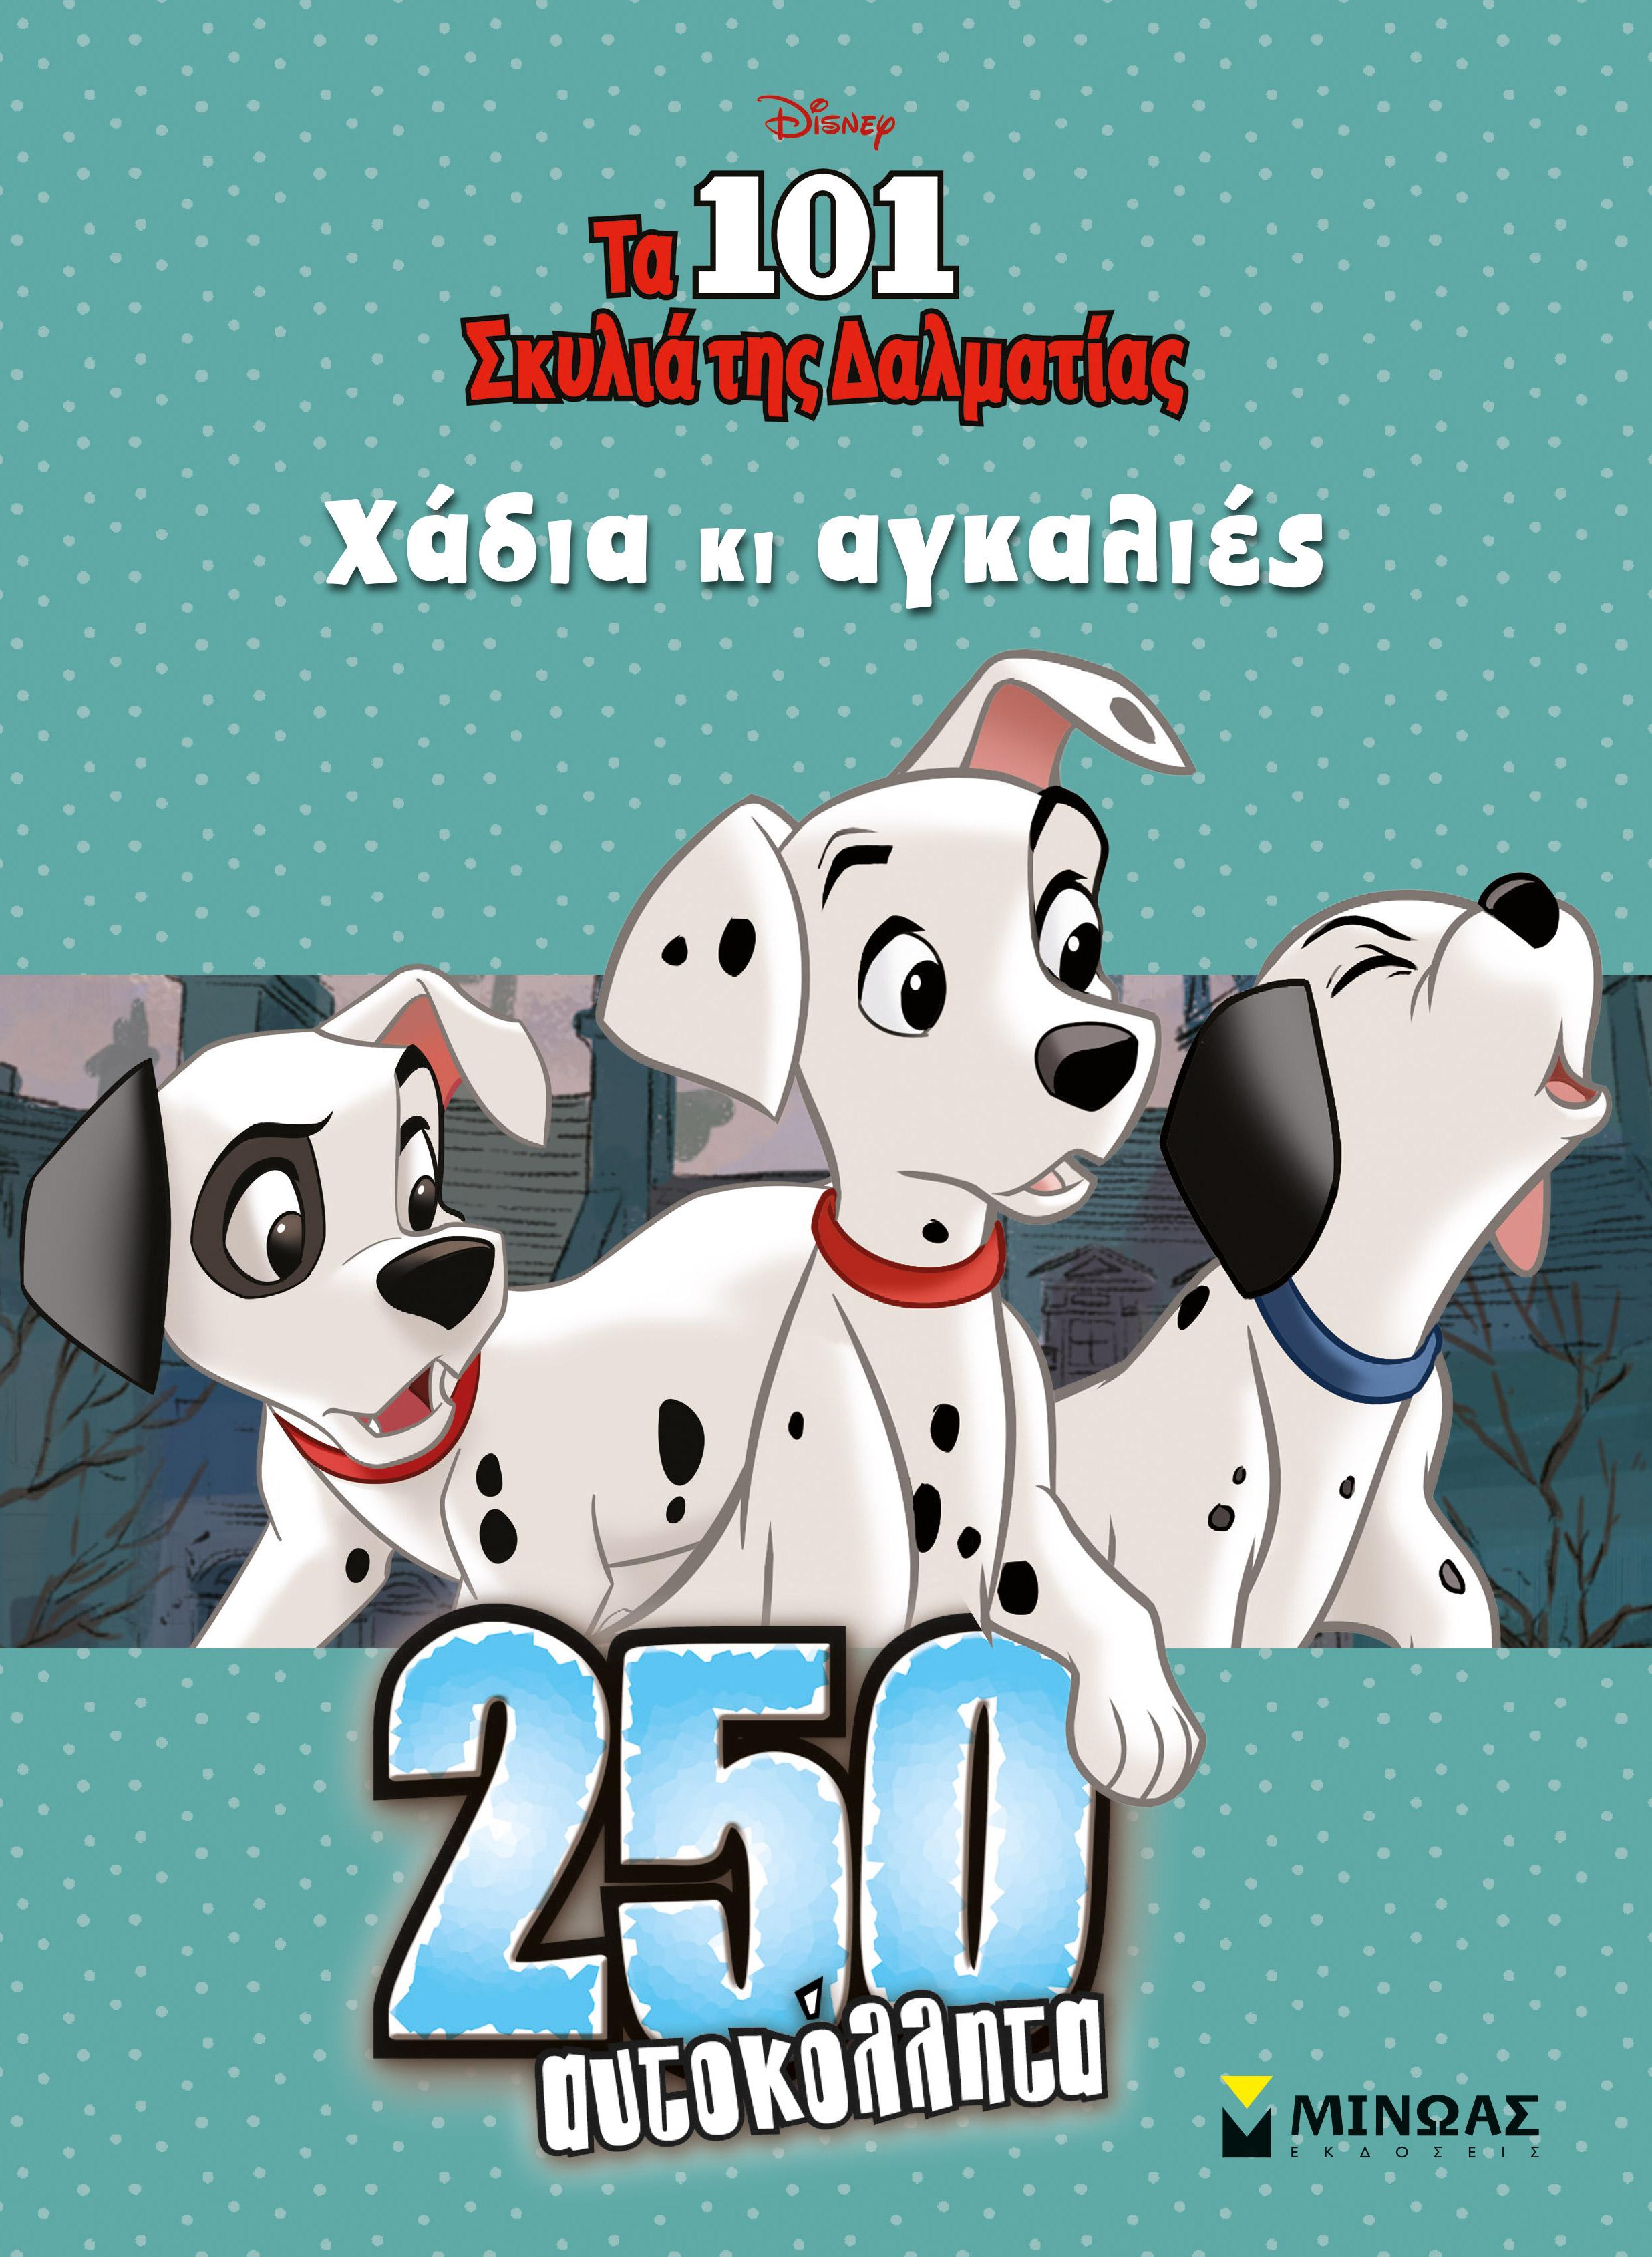 Disney: Τα 101 σκυλιά της Δαλματίας, χάδια κι αγκαλιές, , , Μίνωας, 2020